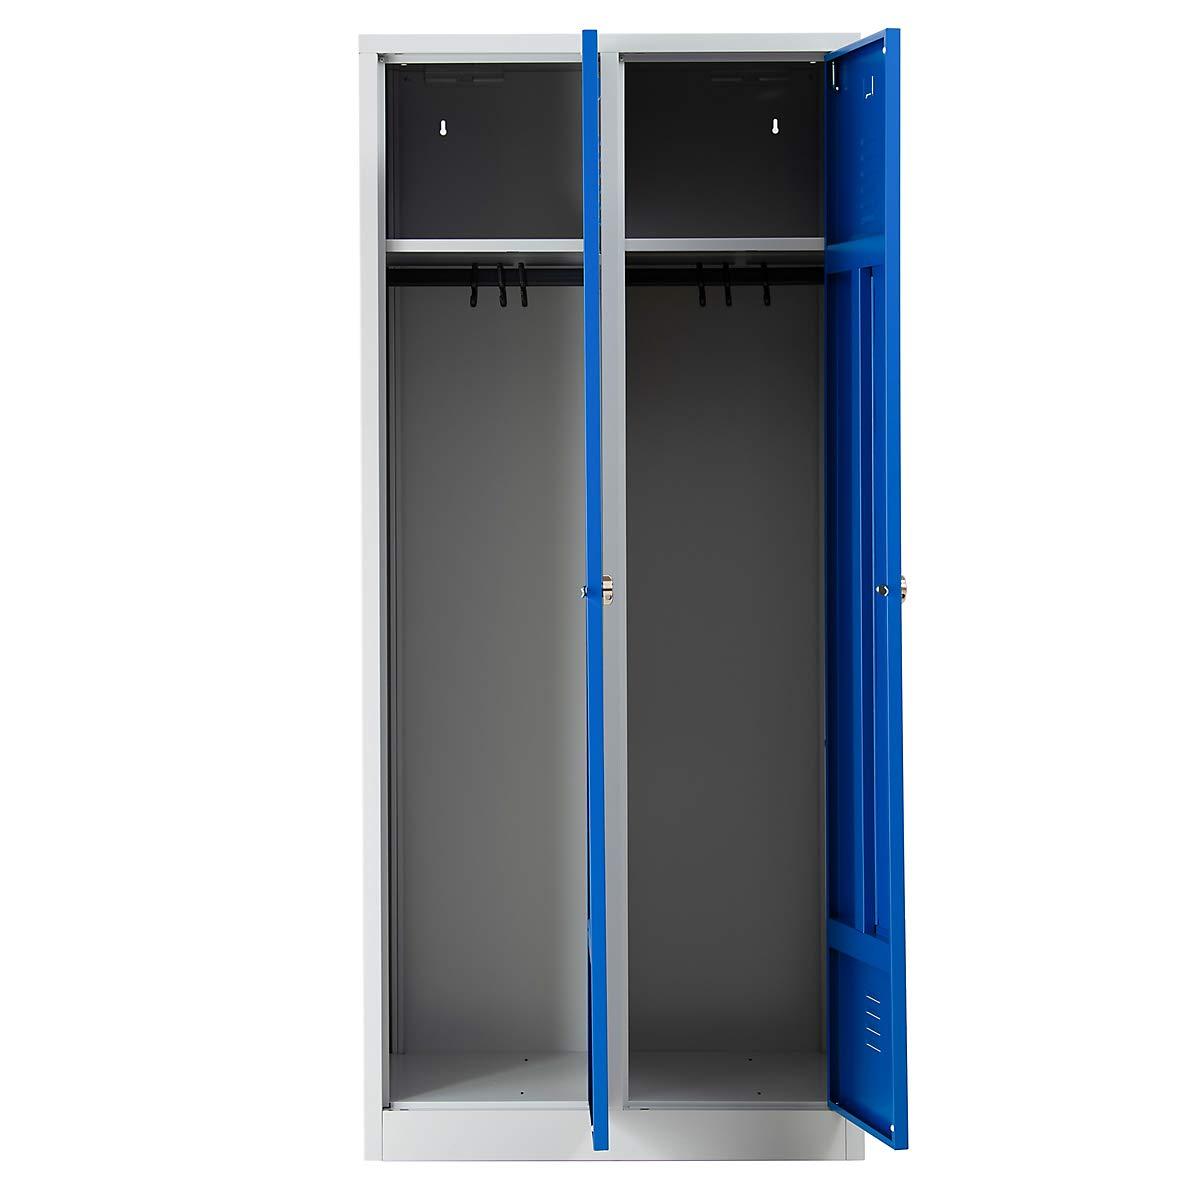 Grau-Blau Vorh/ängeschloss Garderobenspind Umkleidespind Spind Schrank Abschlie/ßbar Certeo Garderobenspind Anschlag rechts